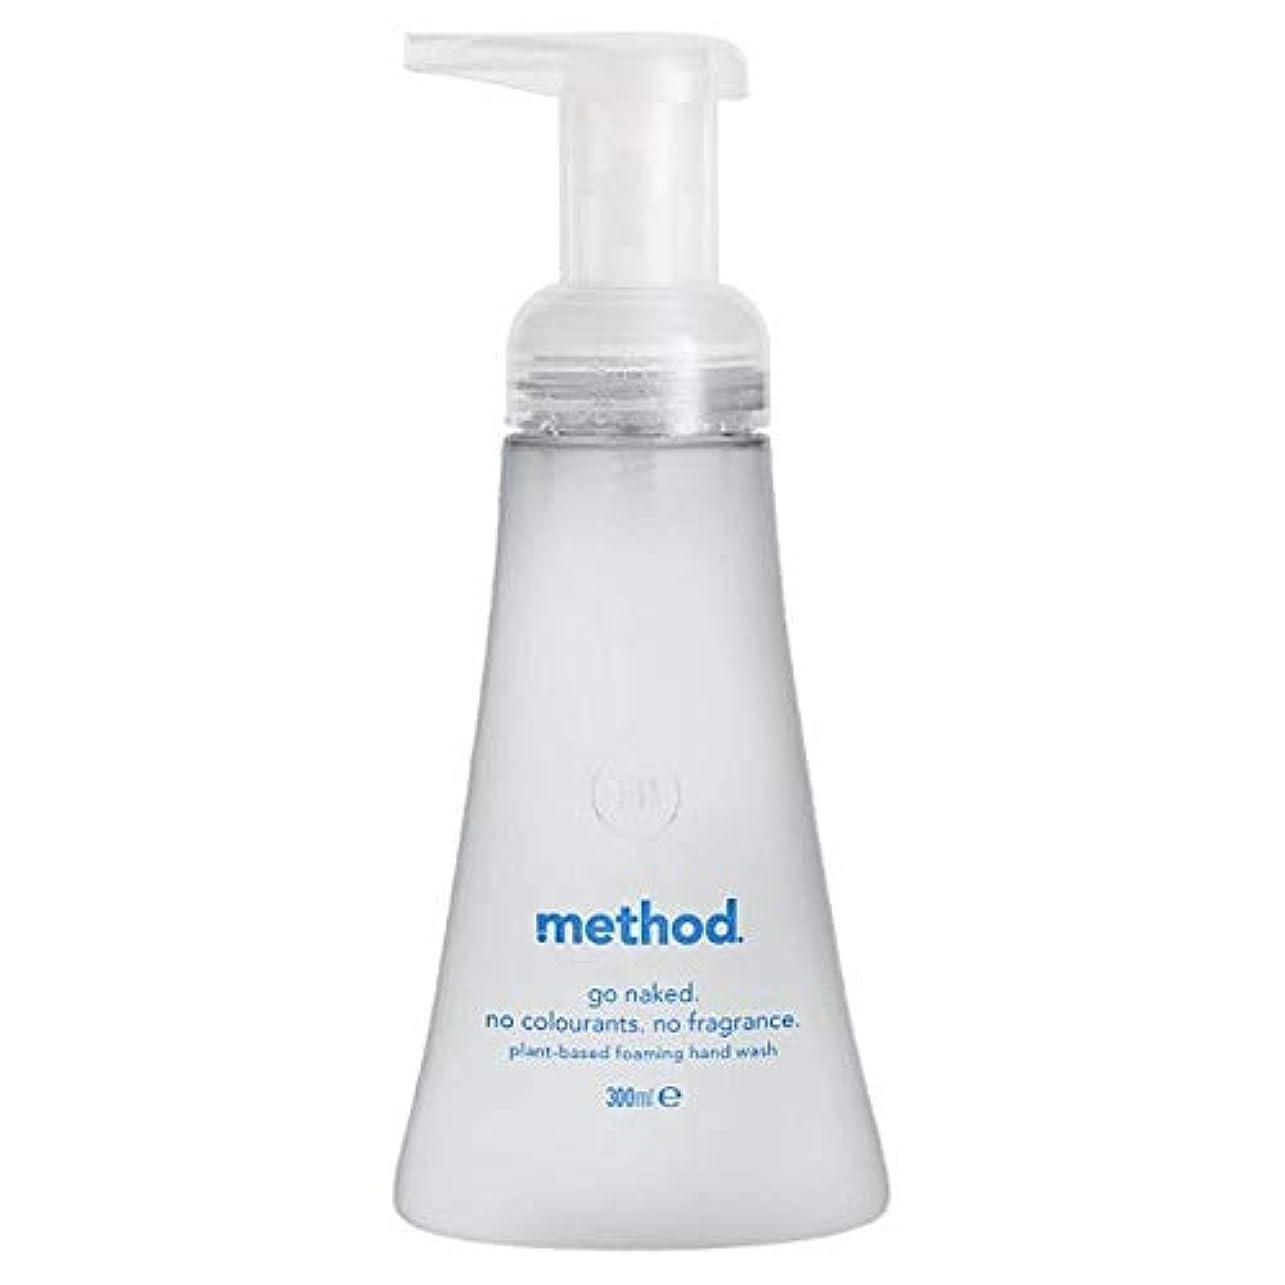 知らせるオーバーヘッドネックレット[Method ] メソッド裸発泡手洗いの300ミリリットル - Method Naked Foaming Handwash 300Ml [並行輸入品]